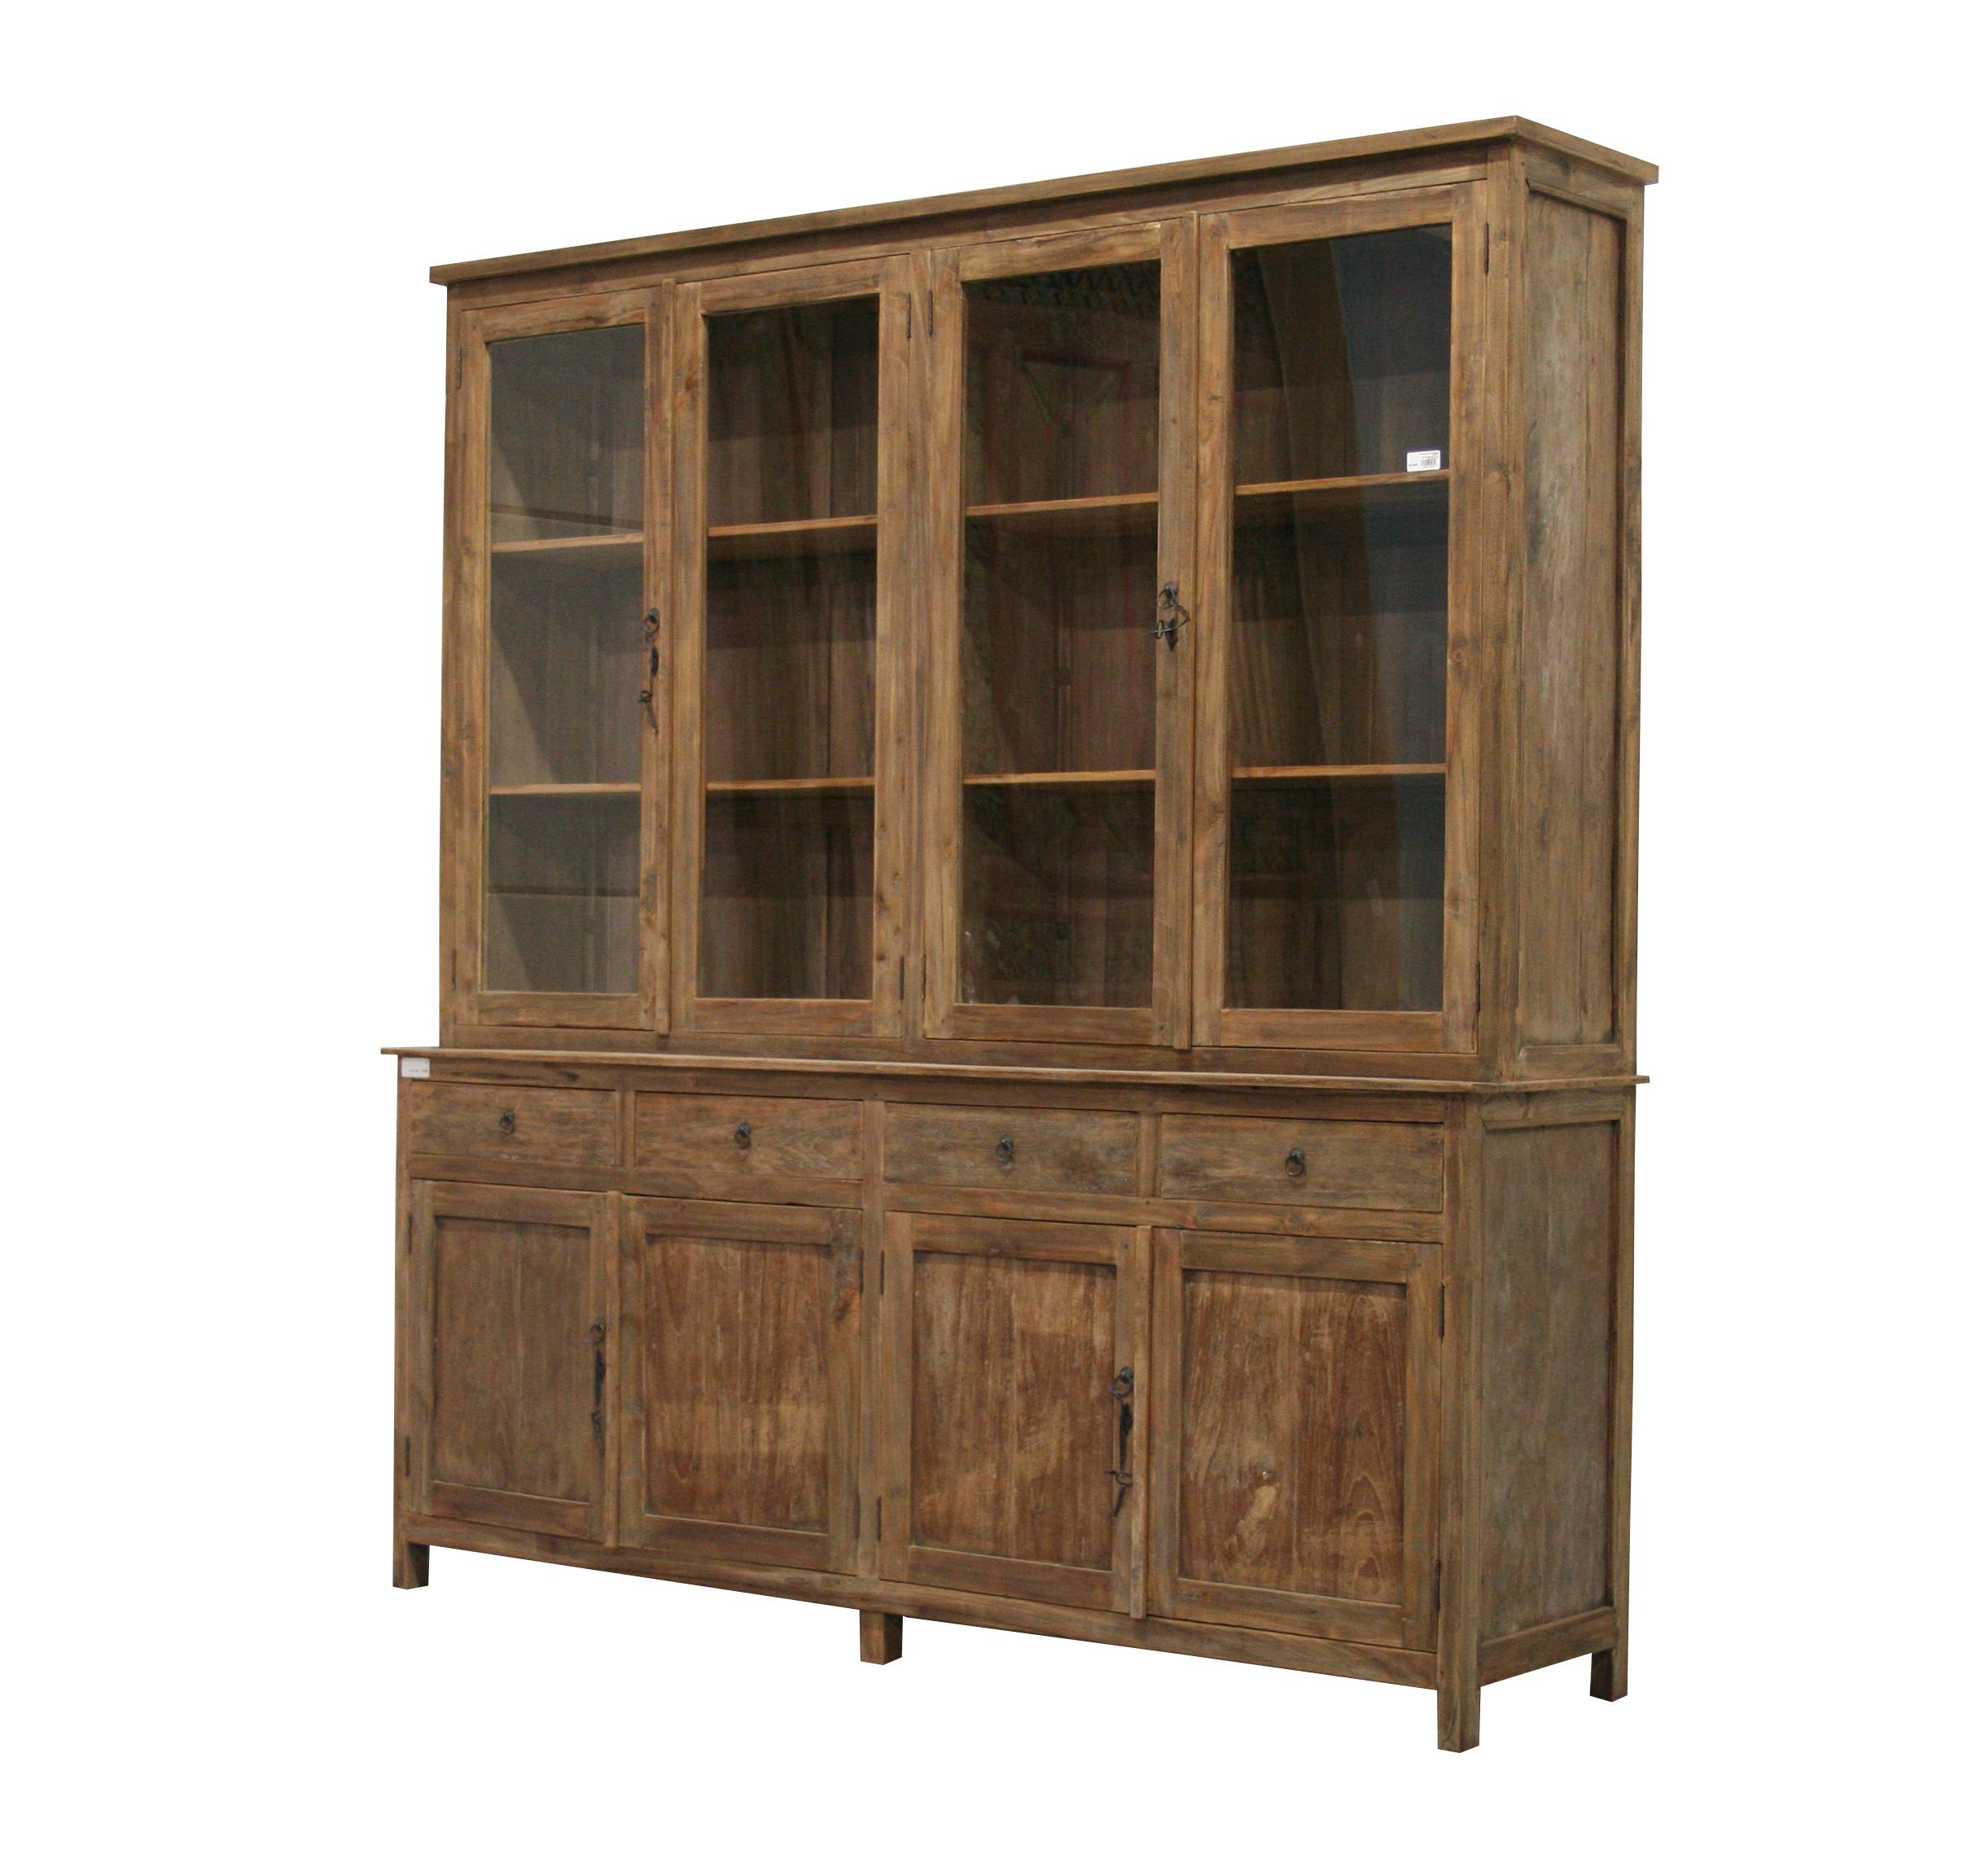 teakschrank vitrine massivholz ladenschrank kolonialstil teak m bel landhaus m bel. Black Bedroom Furniture Sets. Home Design Ideas